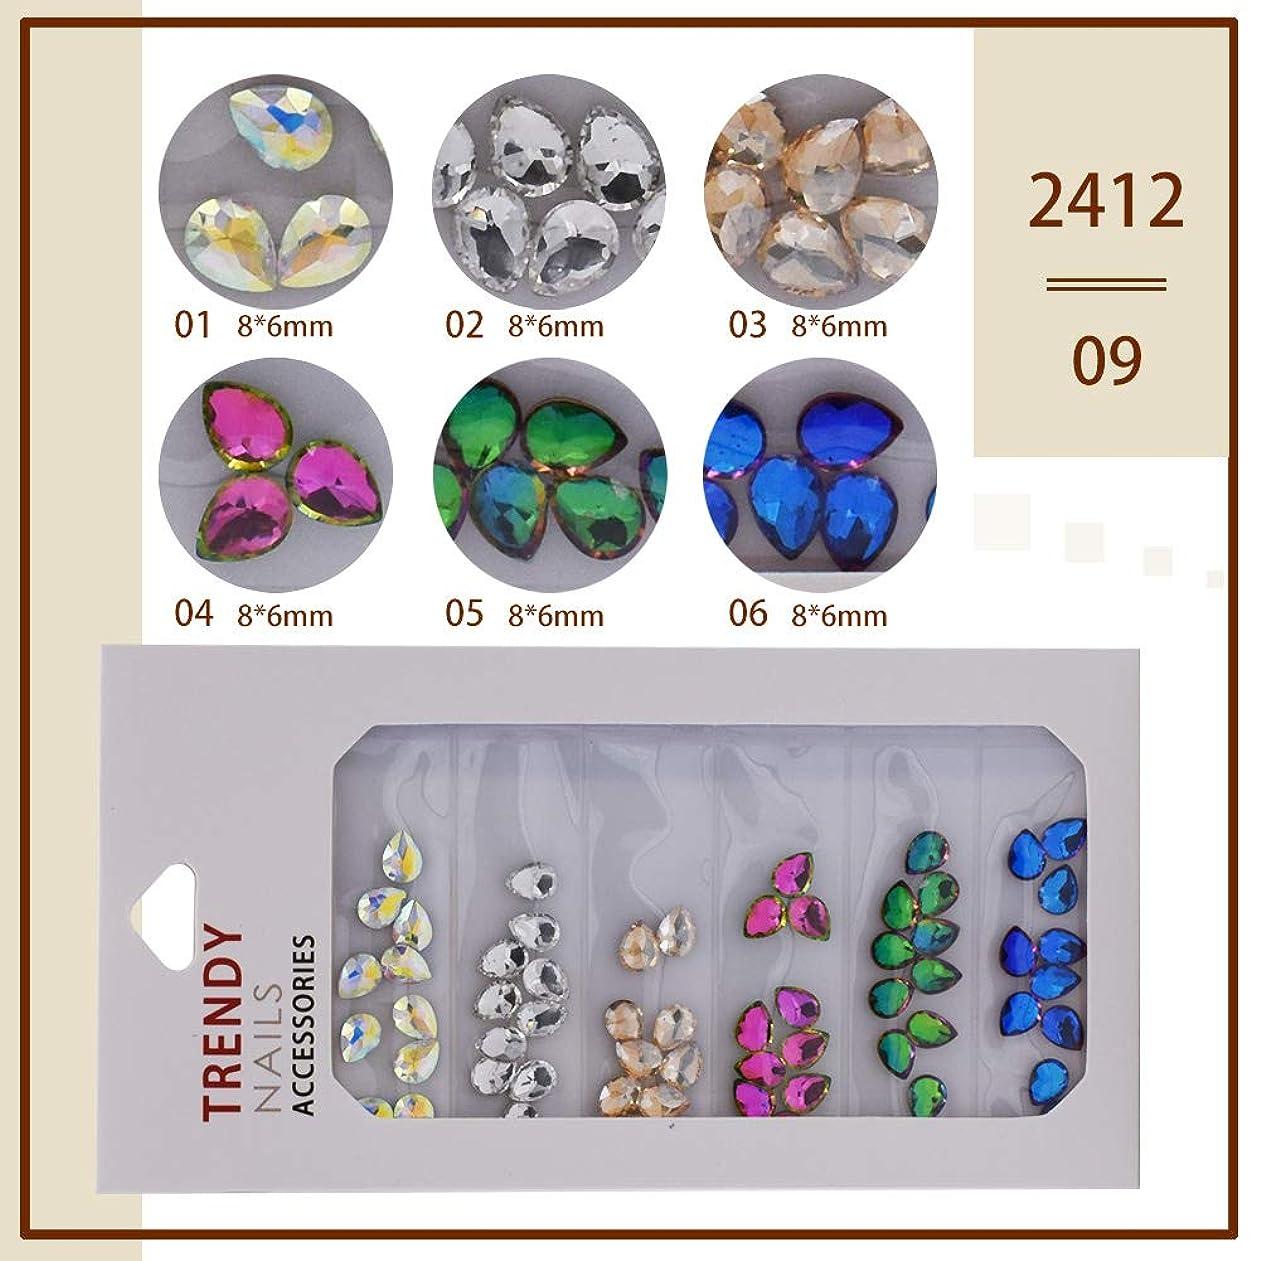 メーリンドス 3Dネイルアートデザイン ネイルストーンクリスタルビジューパーツ カラフルネイルパーツ レジン用ジェルネイル プロデコレーション宝石ストーン 6種選択可能 (2412-09)